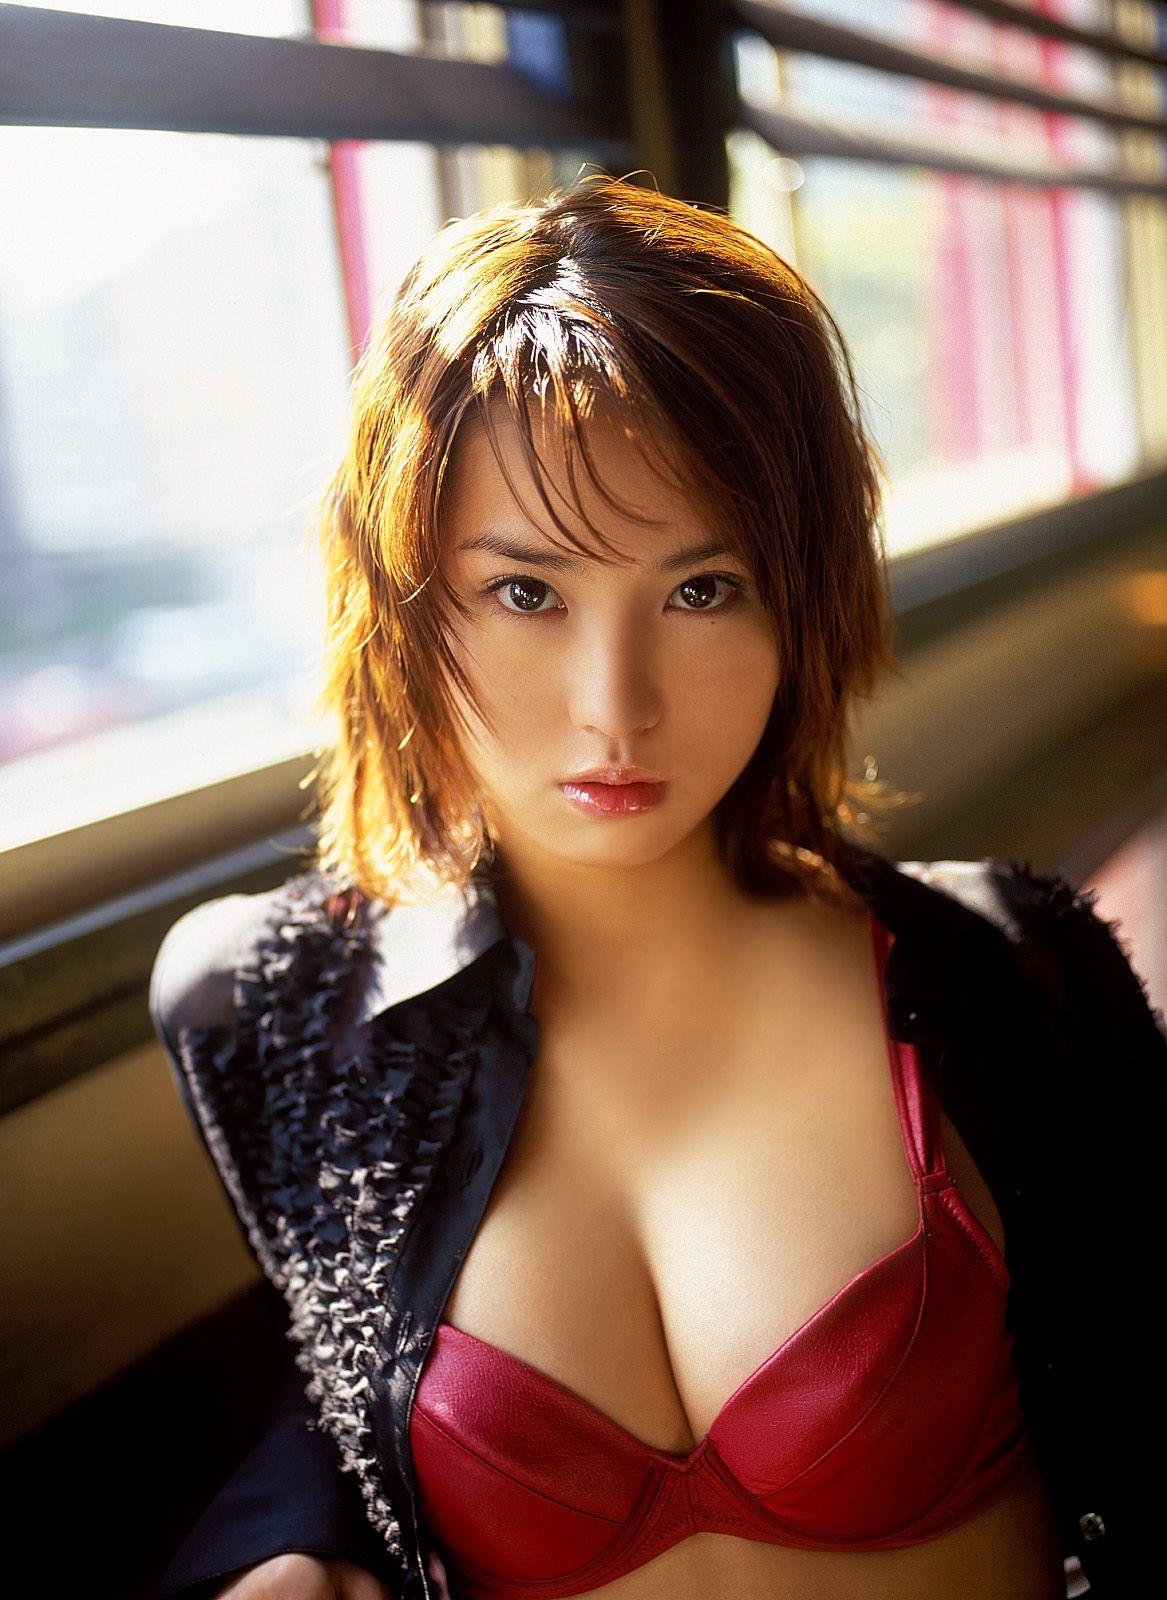 Watch Yui Ichikawa video